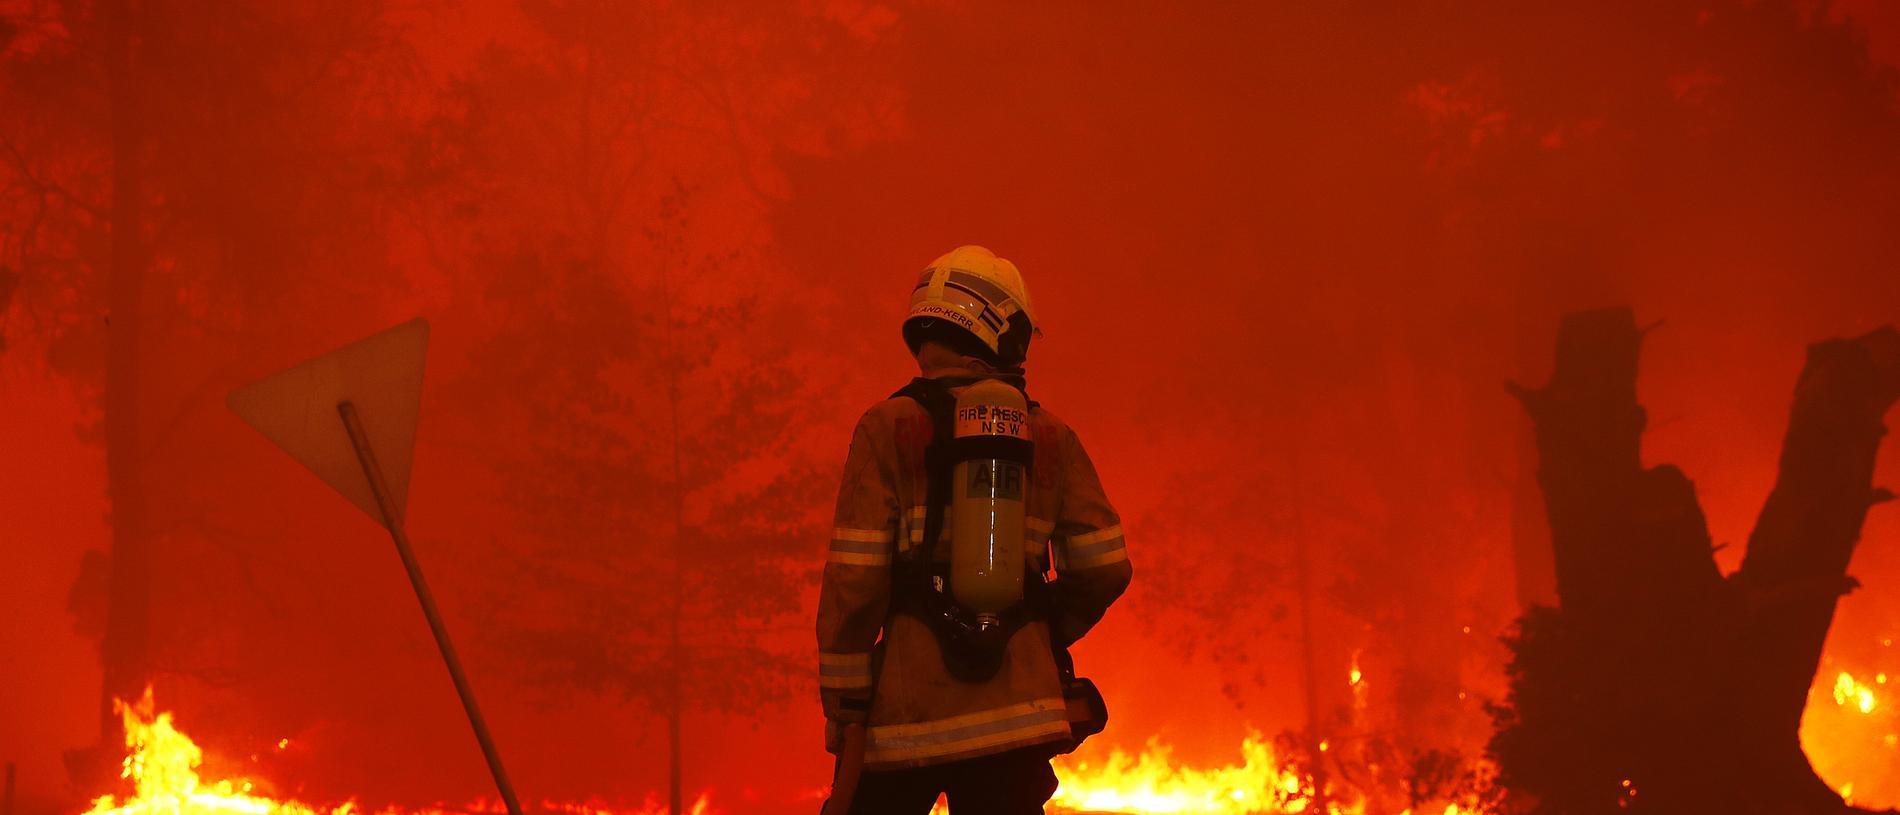 Western Sydney Fire Watch